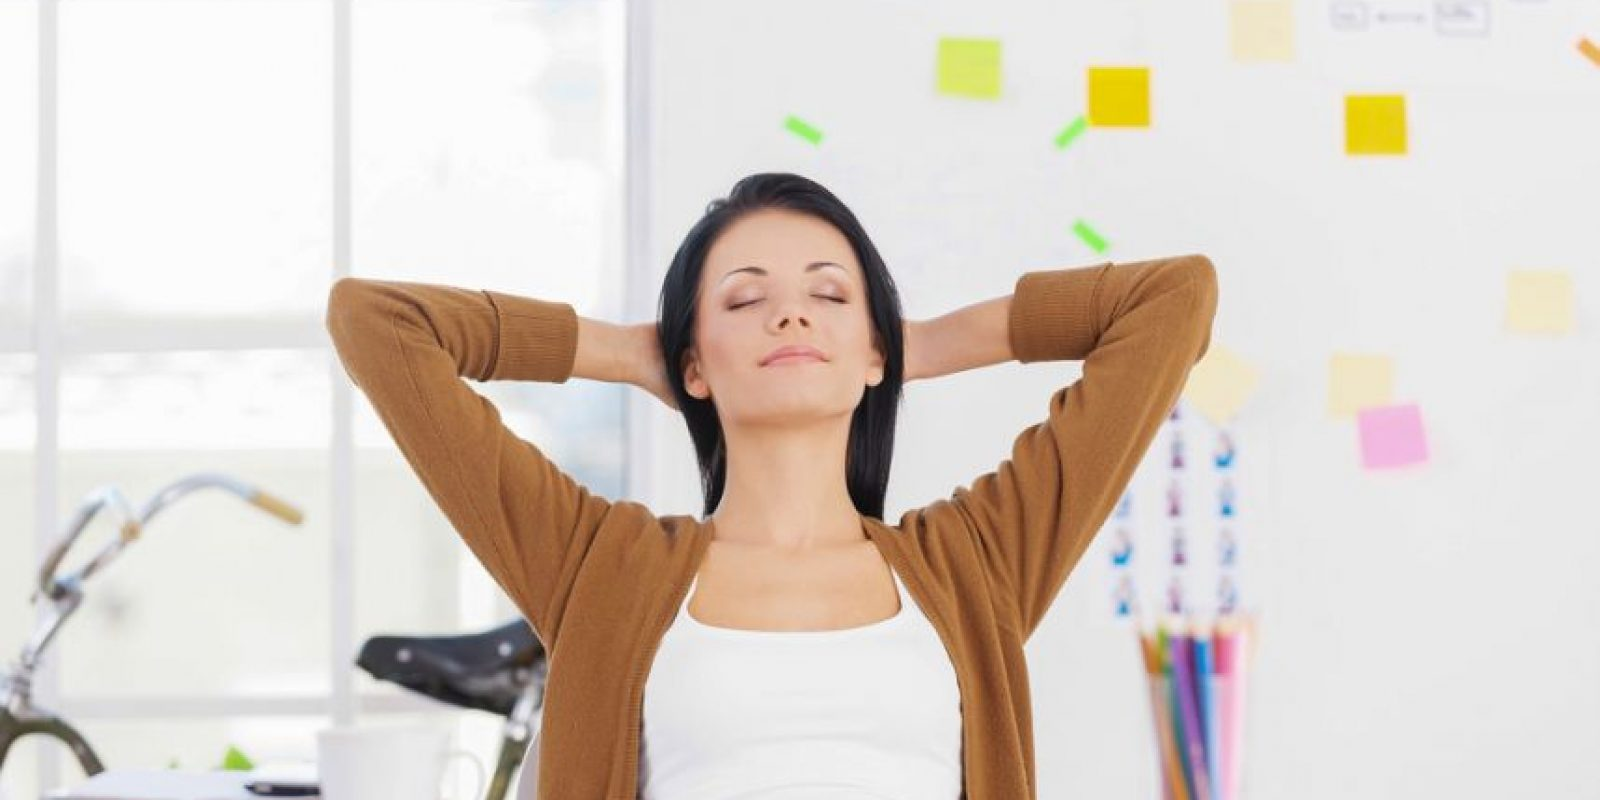 Las mujeres con la habilidad de reconocer y controlar las emociones y los sentimientos tienen el doble de orgasmo que otras mujeres, según un estudio realizado con más de mil gemelas.